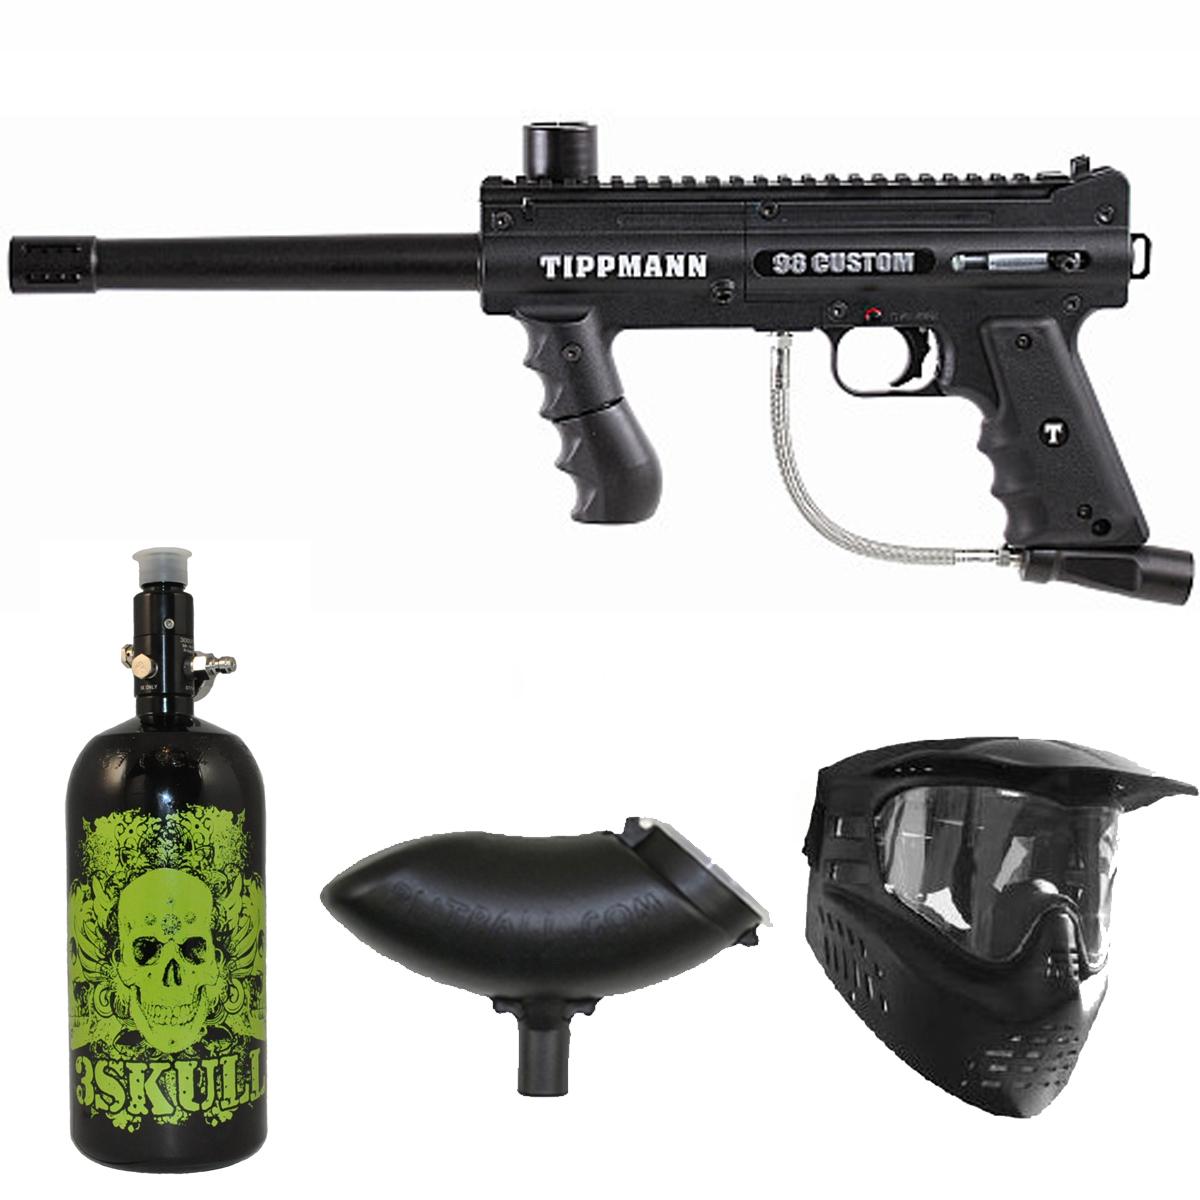 Tippmann 98 Custom PS Paintball Marker Gun 3Skull N2 Package by